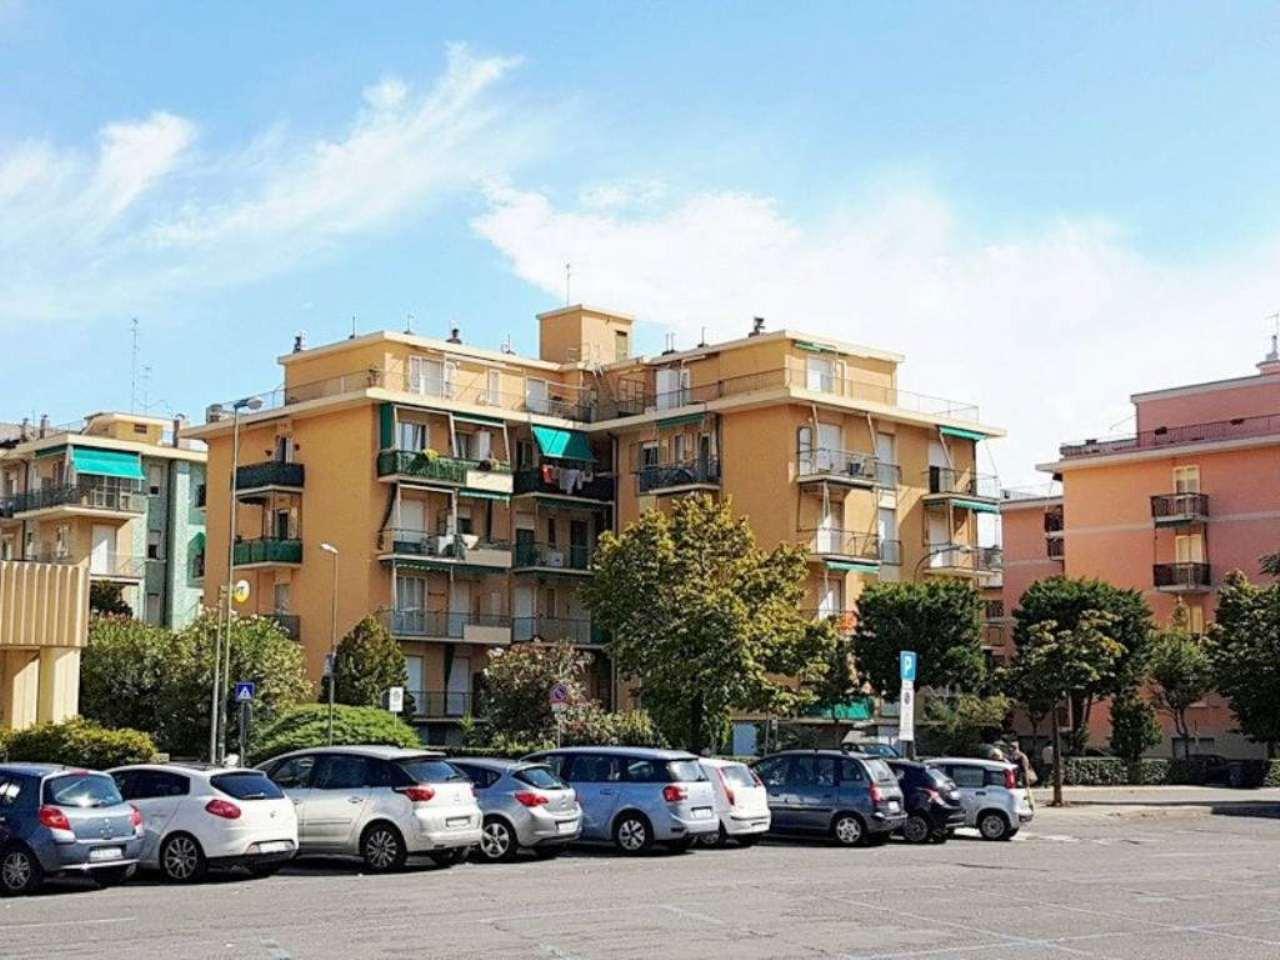 Attico / Mansarda in vendita a Borghetto Santo Spirito, 3 locali, prezzo € 250.000 | Cambio Casa.it